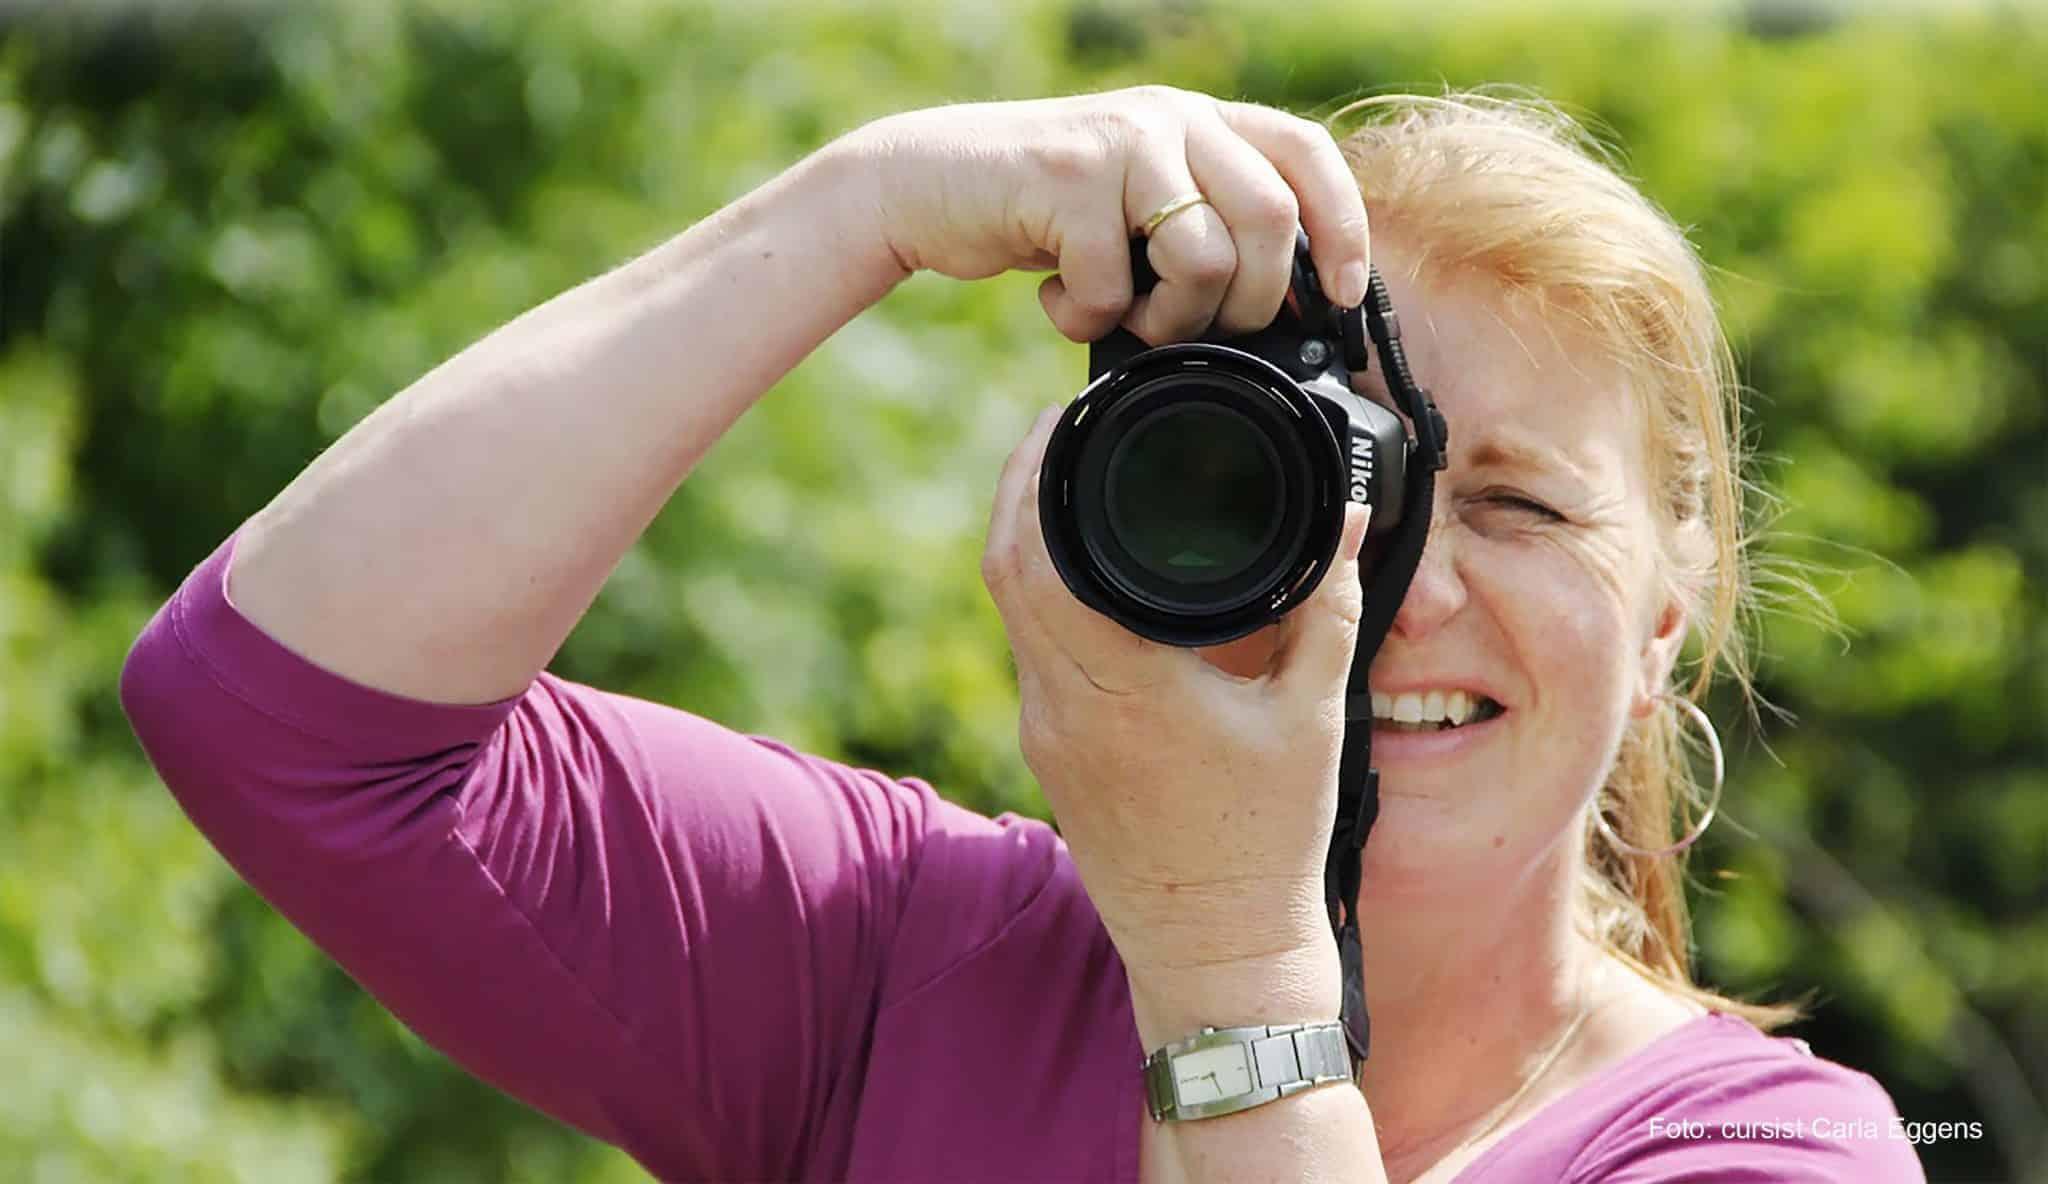 Deelnemer fotografeert tijdens het fotoweekend Ameland | Fotografie-reizen - Fotoreizen